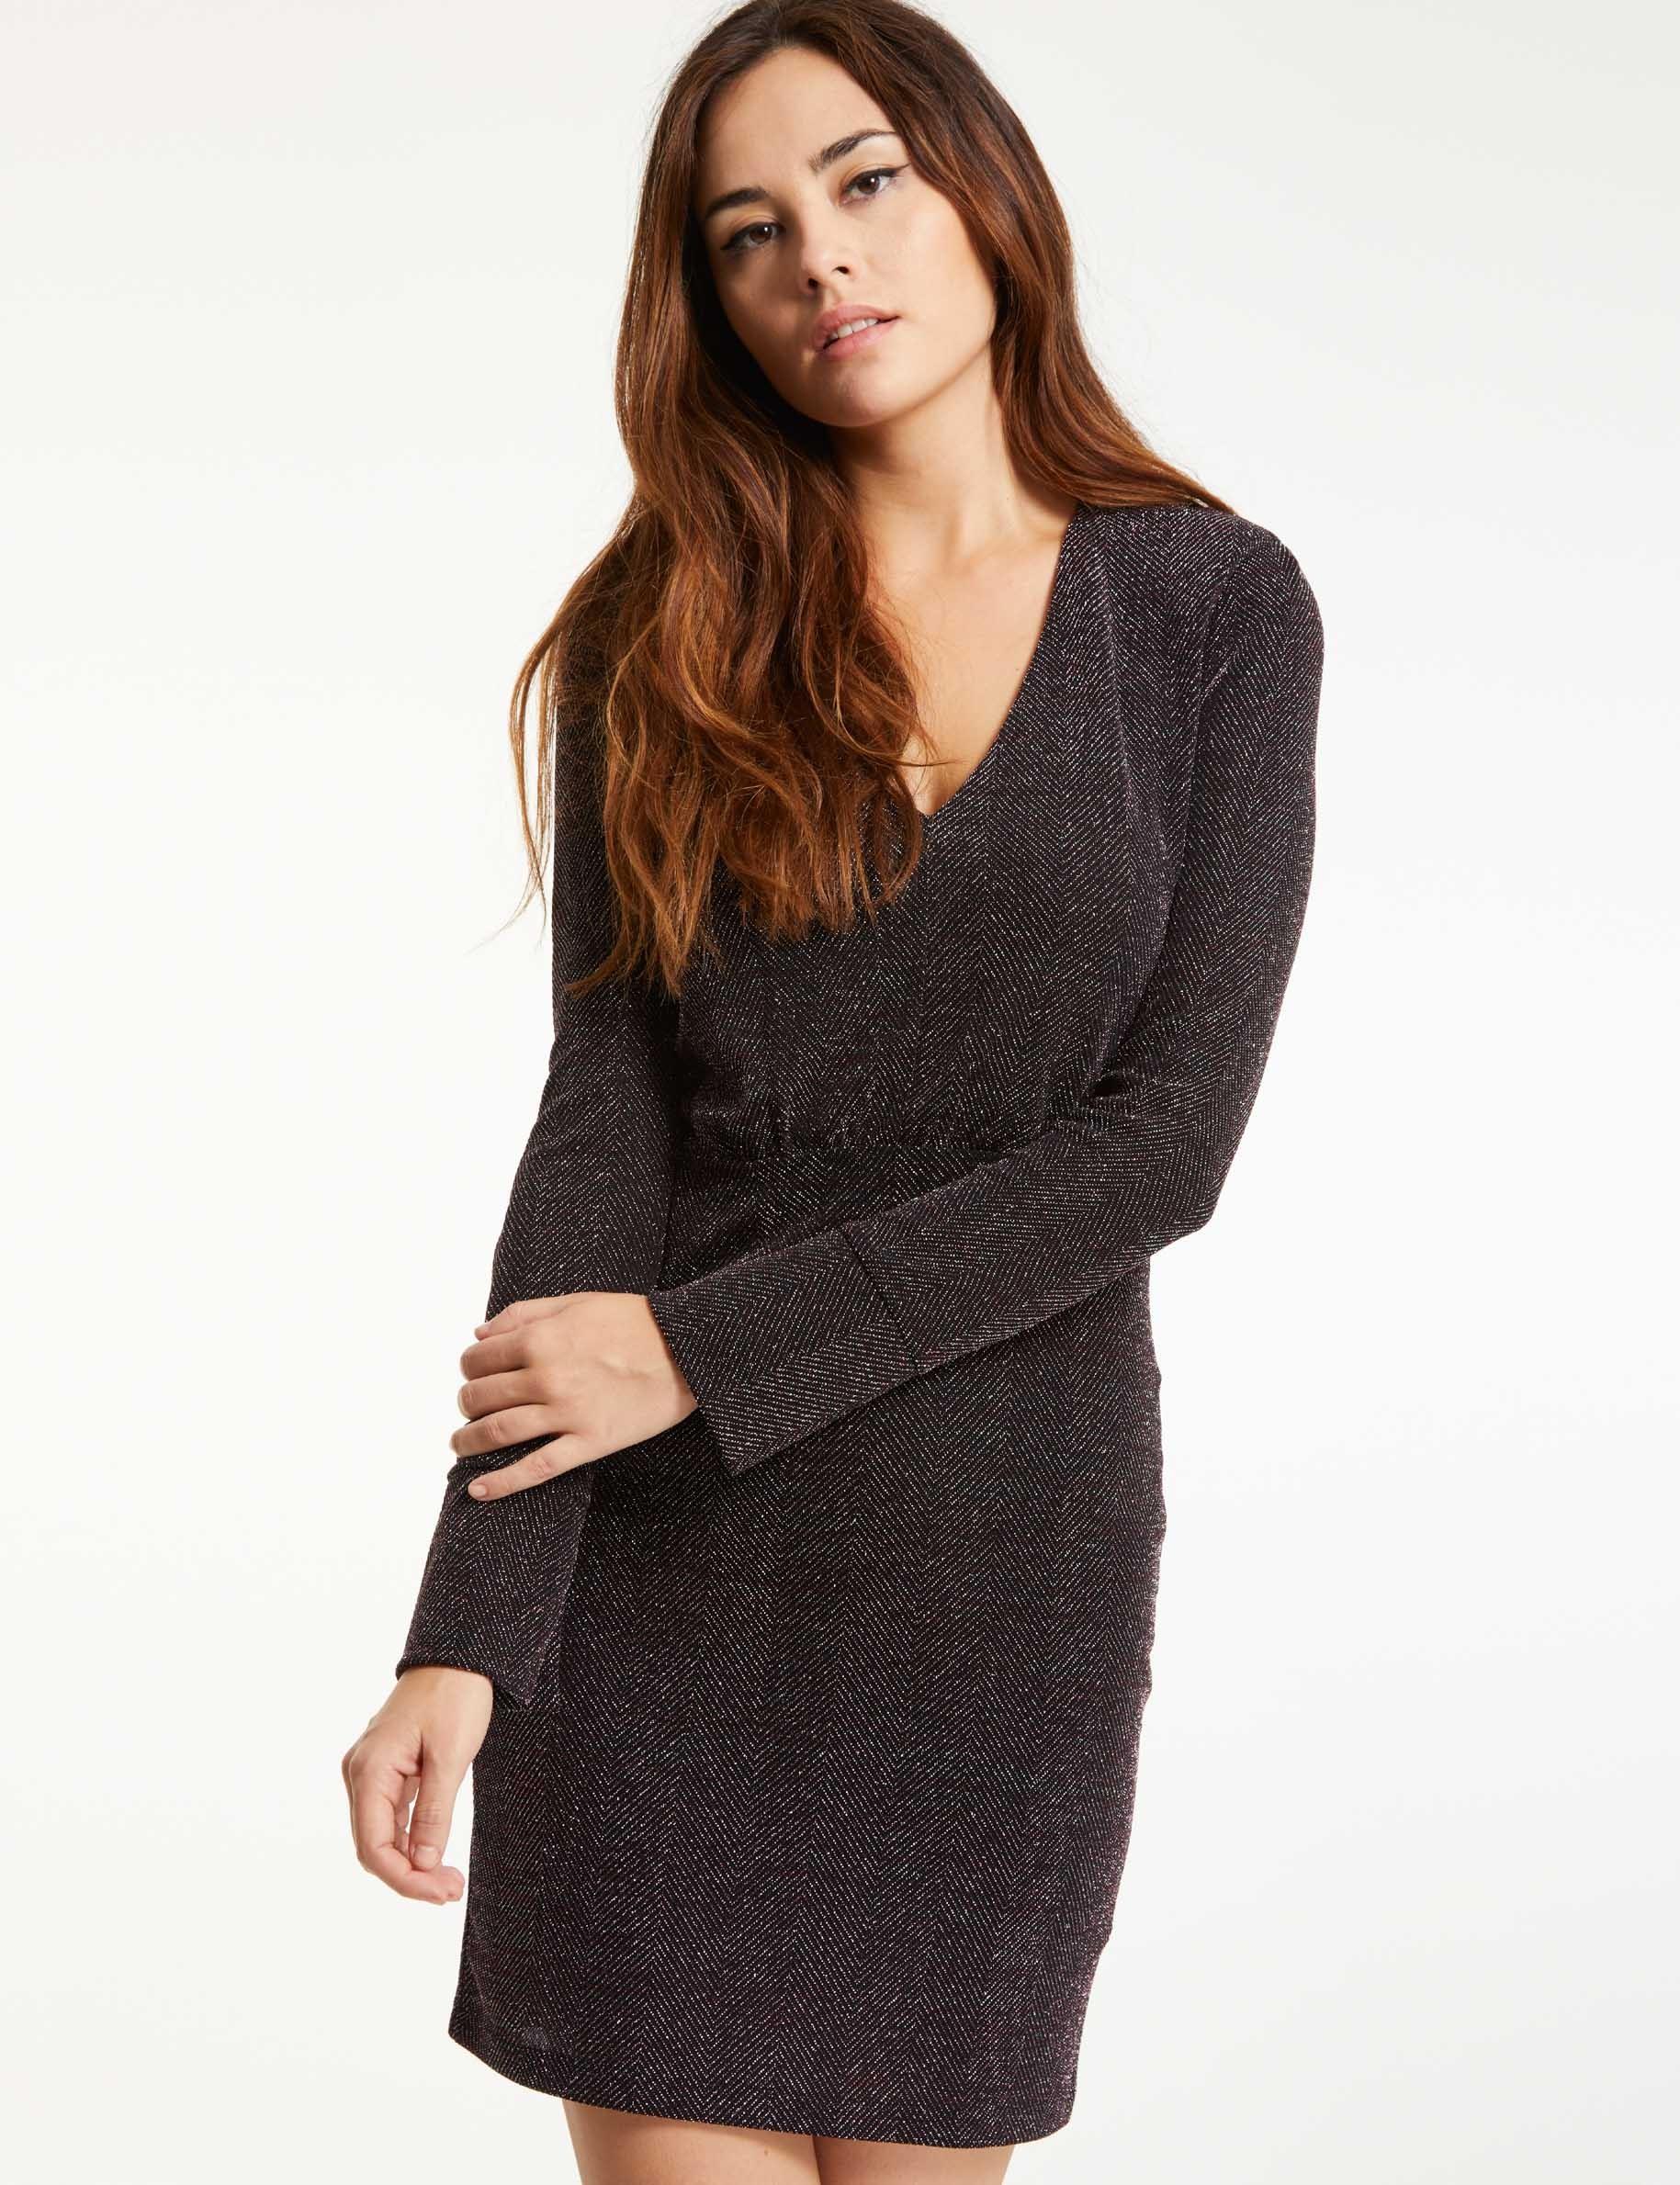 Платье для женщины 40 лет трикотажное